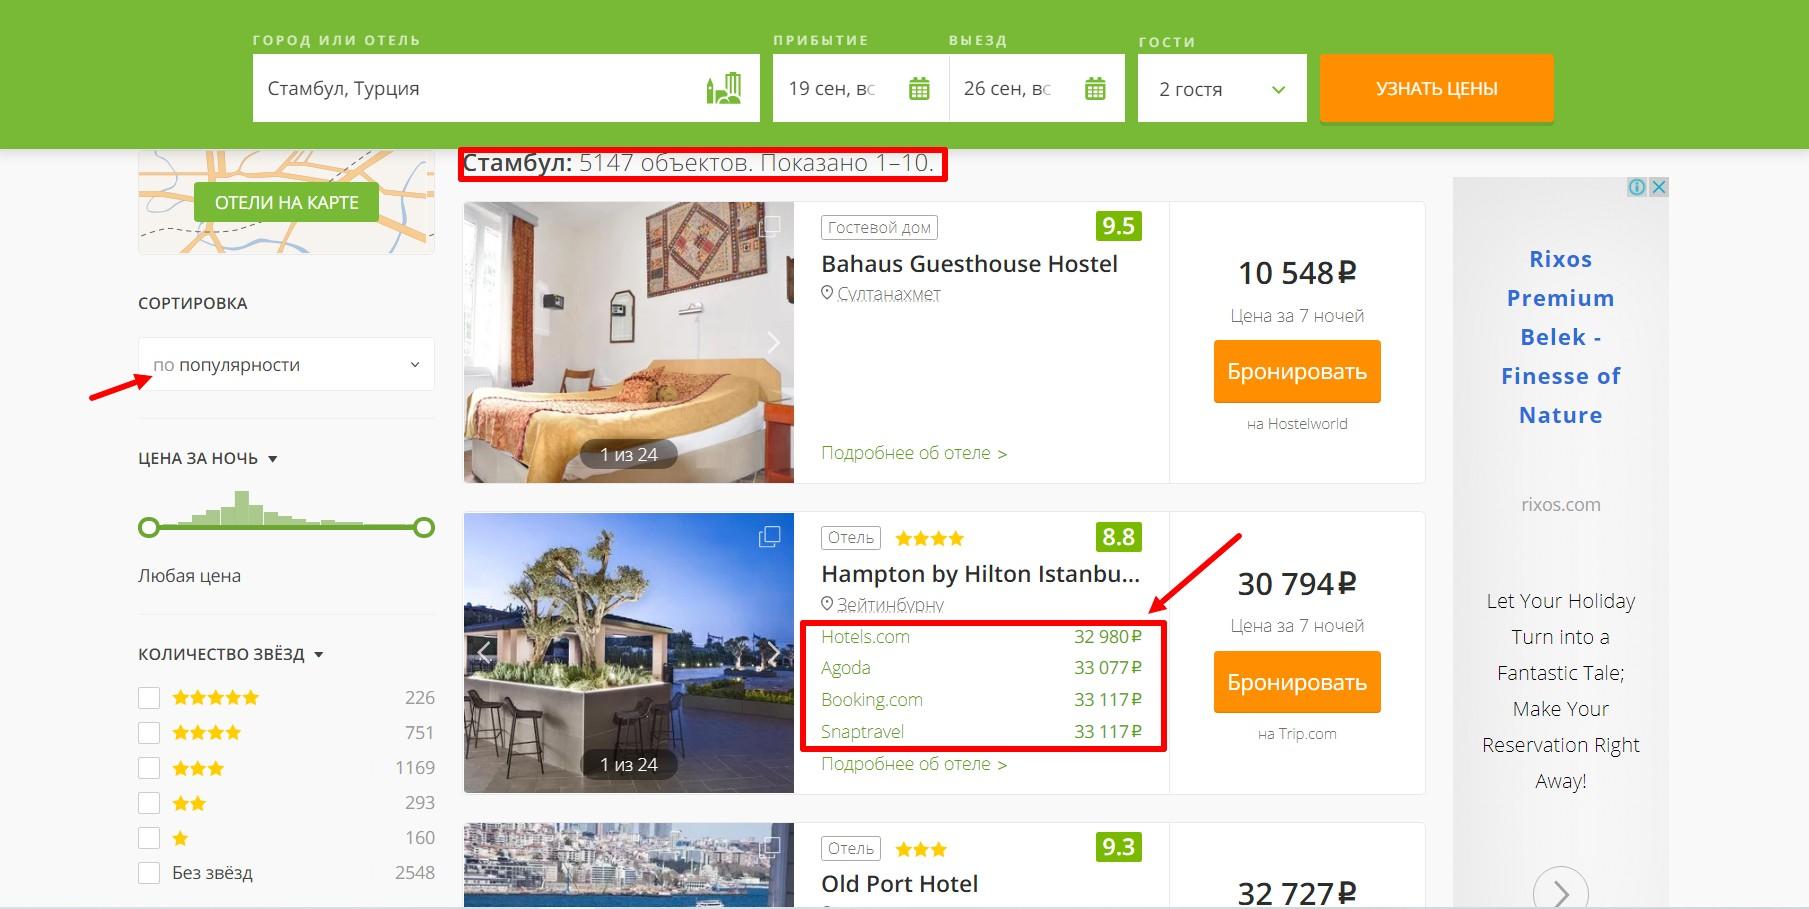 Пример поиска самой низкой цены на отель в Стамбуле